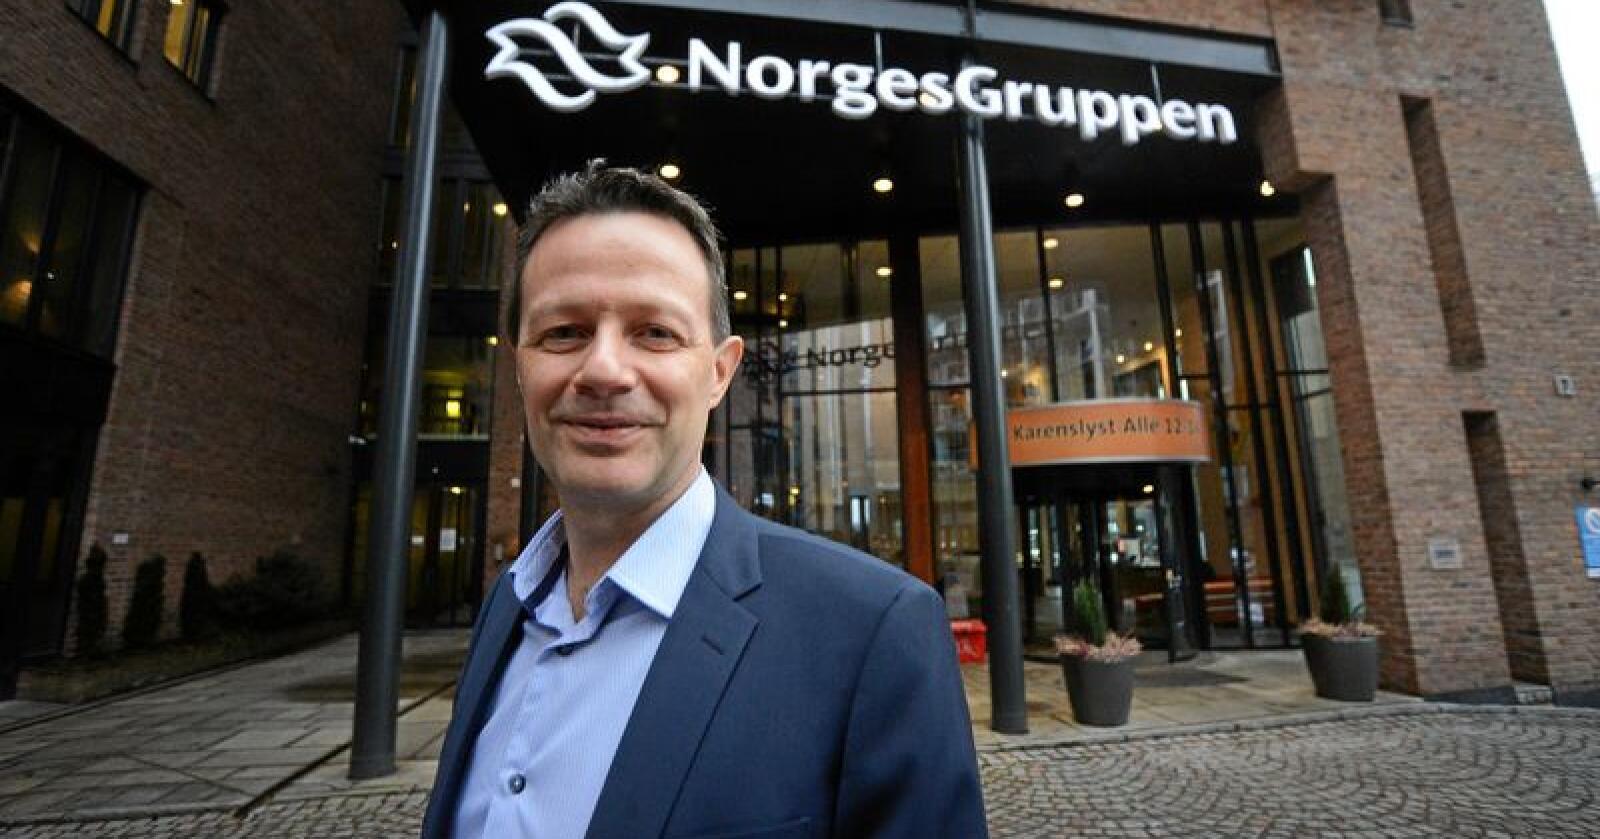 Norgesgruppen, her representert ved konsernsjef Runar Hollevik, er Norges største dagligvarekjede, og provoserer konkurrenten Coop med sine eiendomskjøp. Foto: Siri Juell Rasmussen